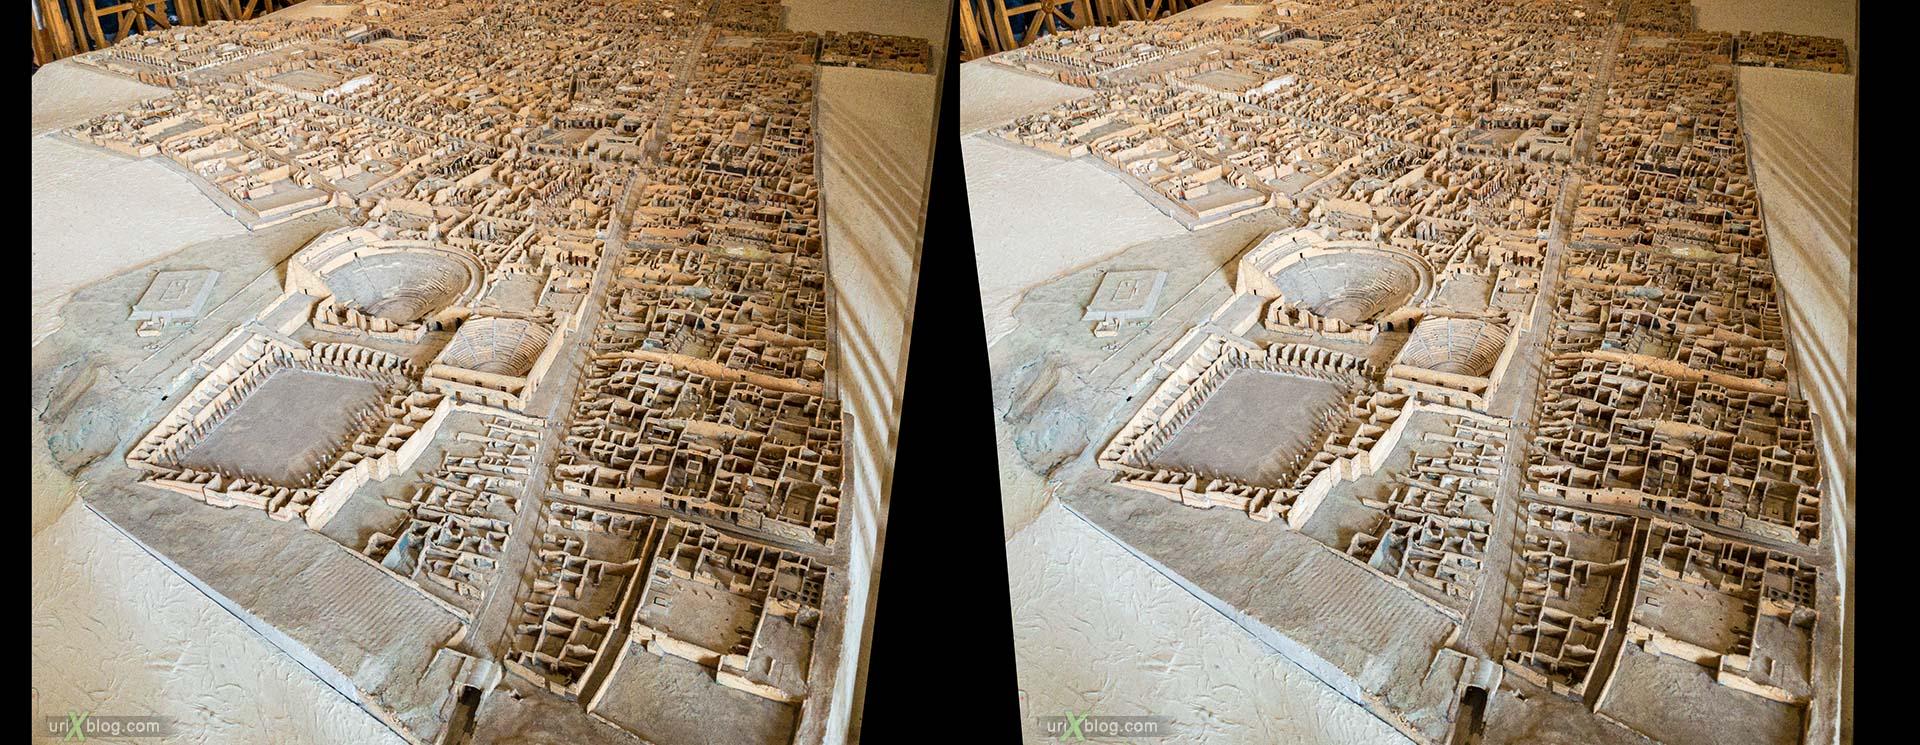 макет, карта, Национальный археологический музей Неаполя, Древний Рим, Помпеи, выставка, Неаполь, Италия, 3D, перекрёстная стереопара, стерео, стереопара